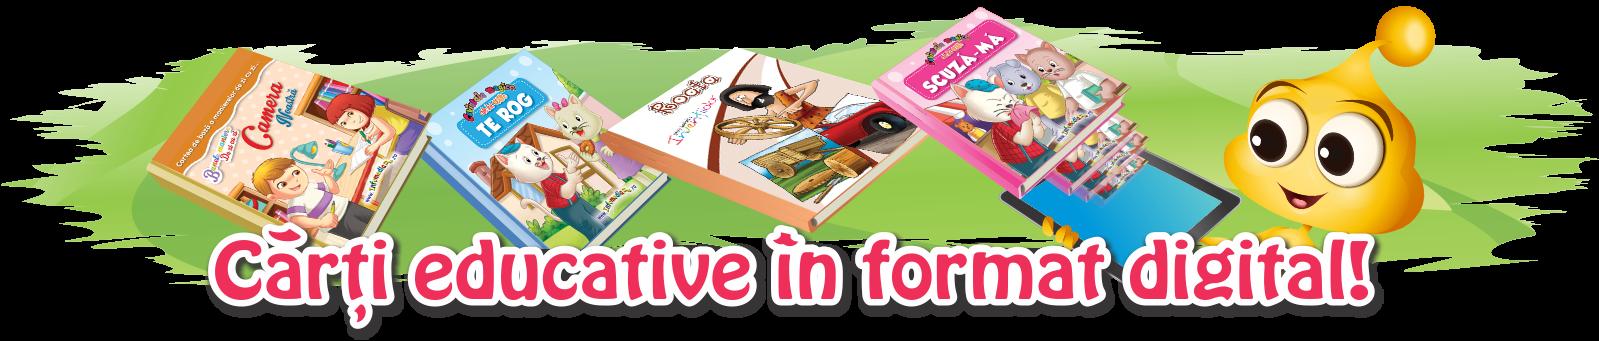 Carti educative digitale - aplicatii pentru mobile